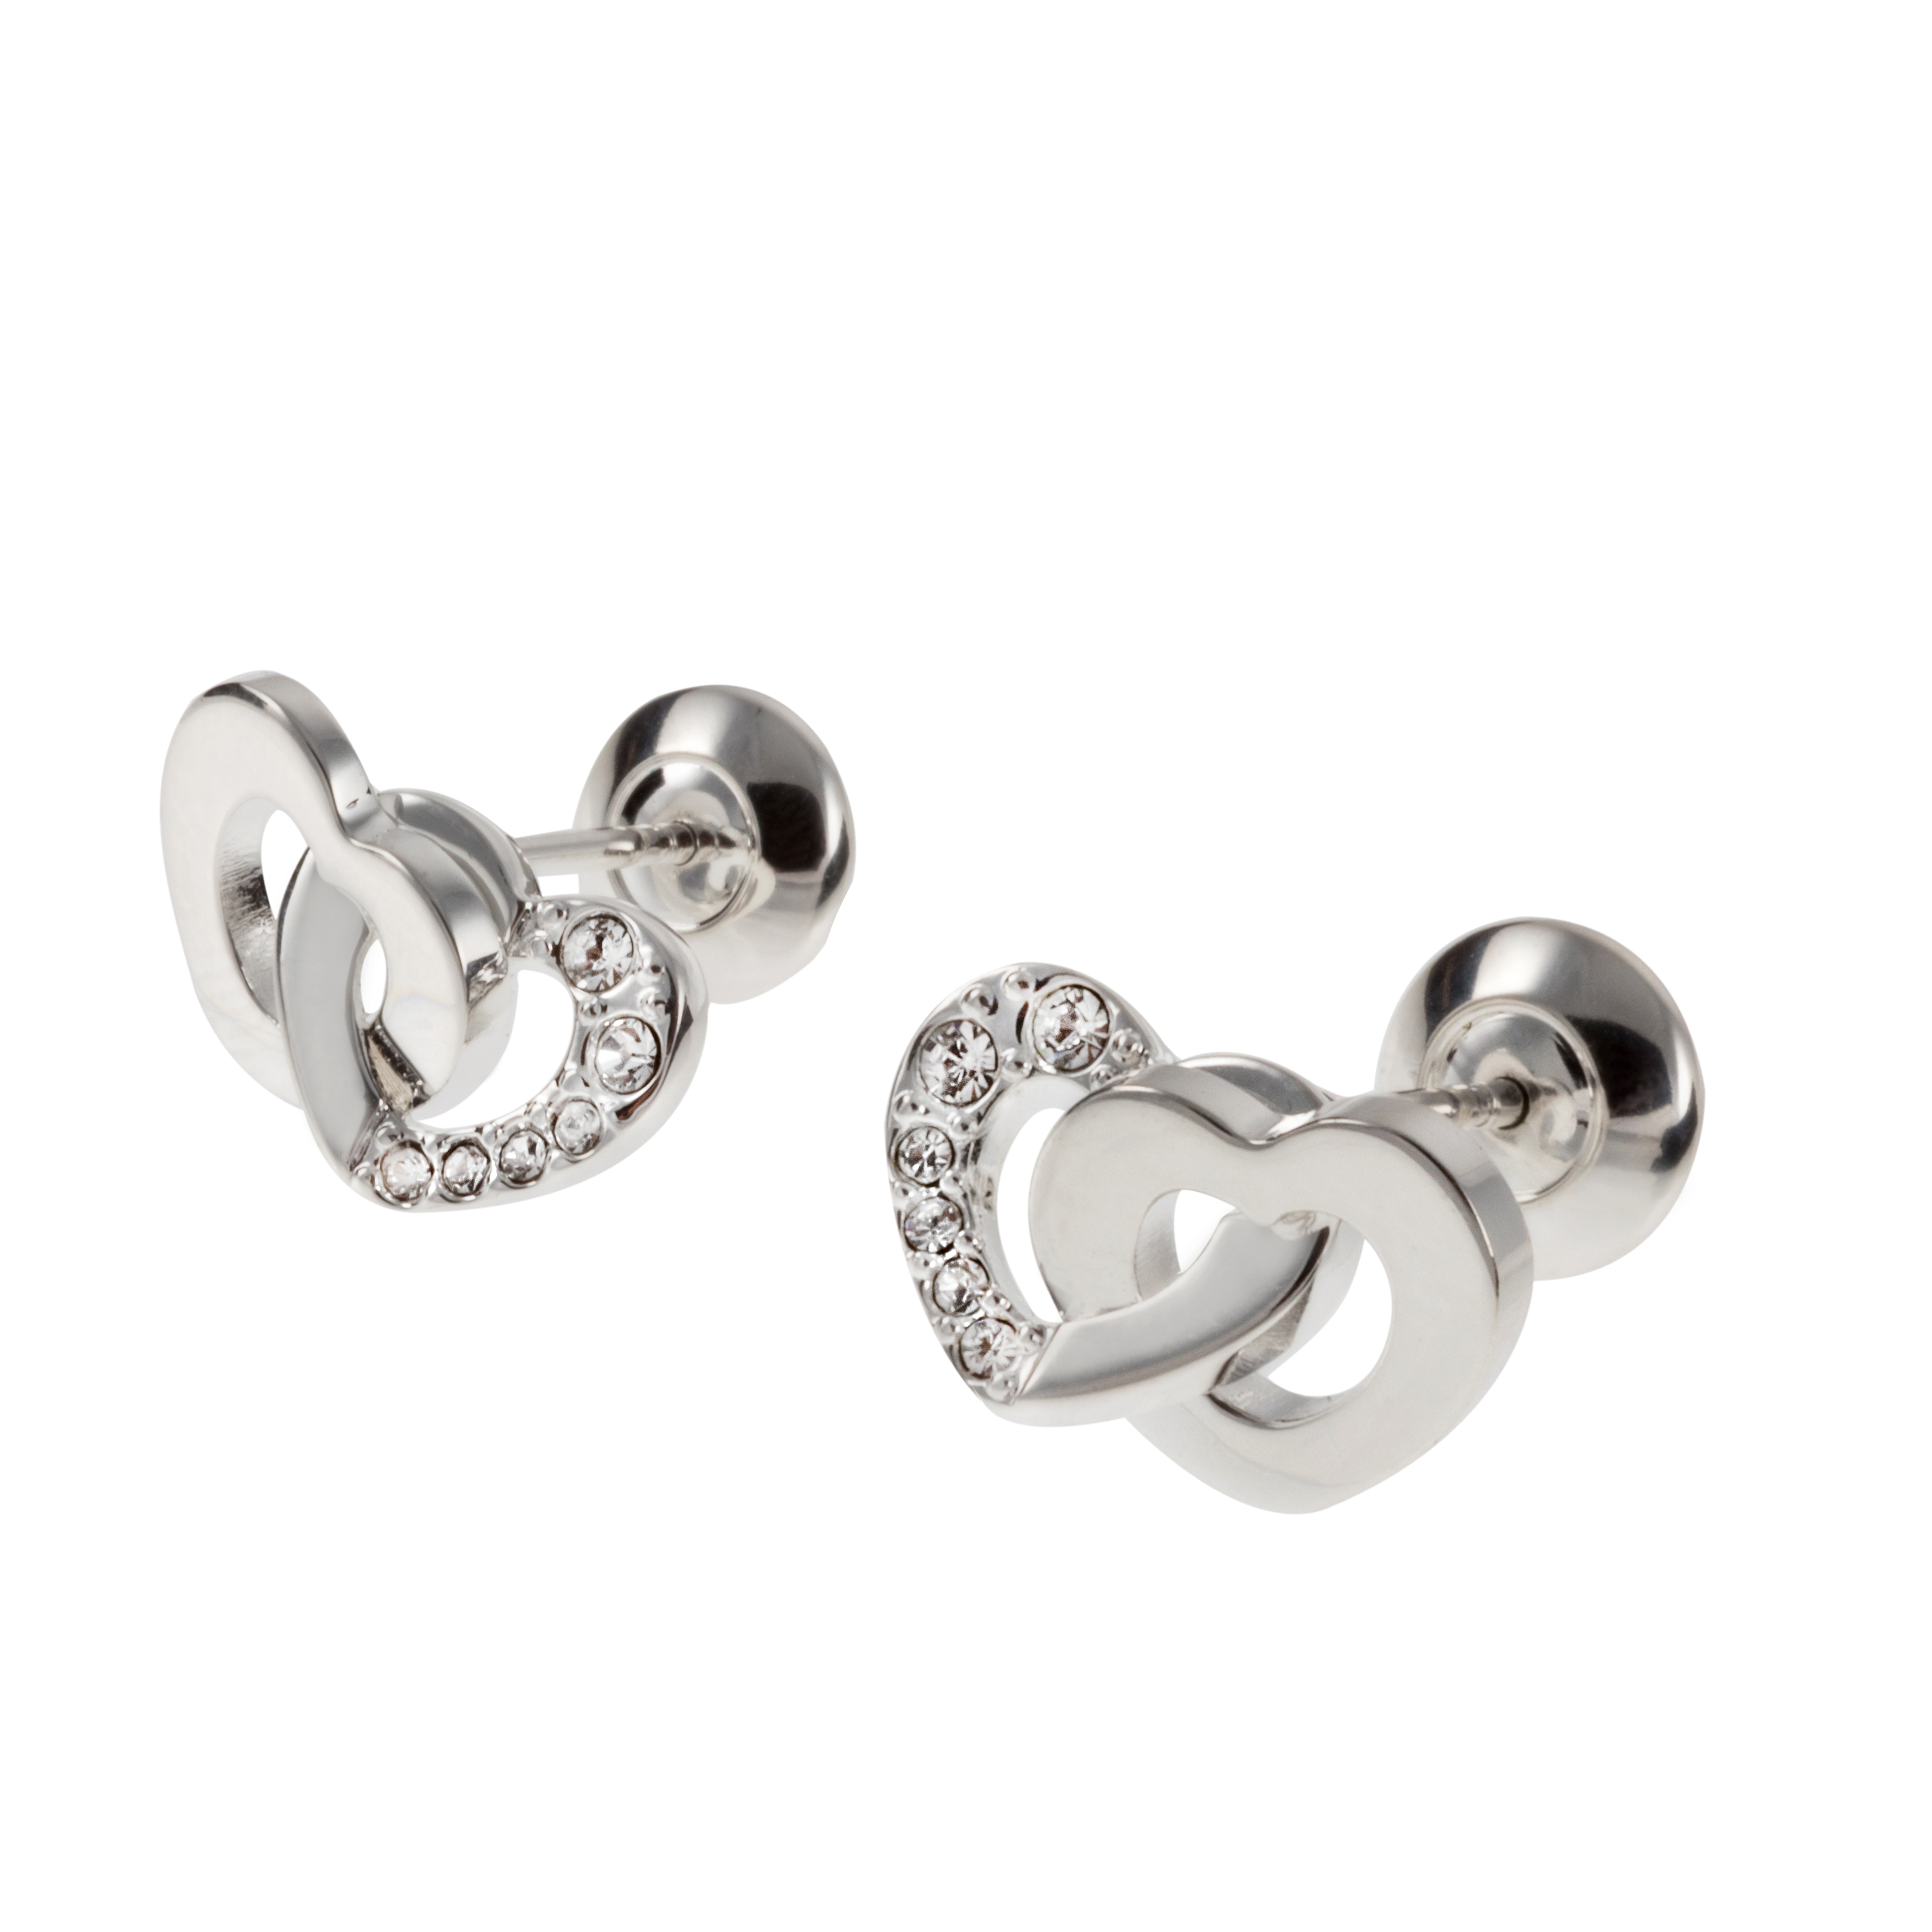 FOLLI FOLLIE - Σκουλαρίκια Folli Follie γυναικεία αξεσουάρ κοσμήματα σκουλαρίκια